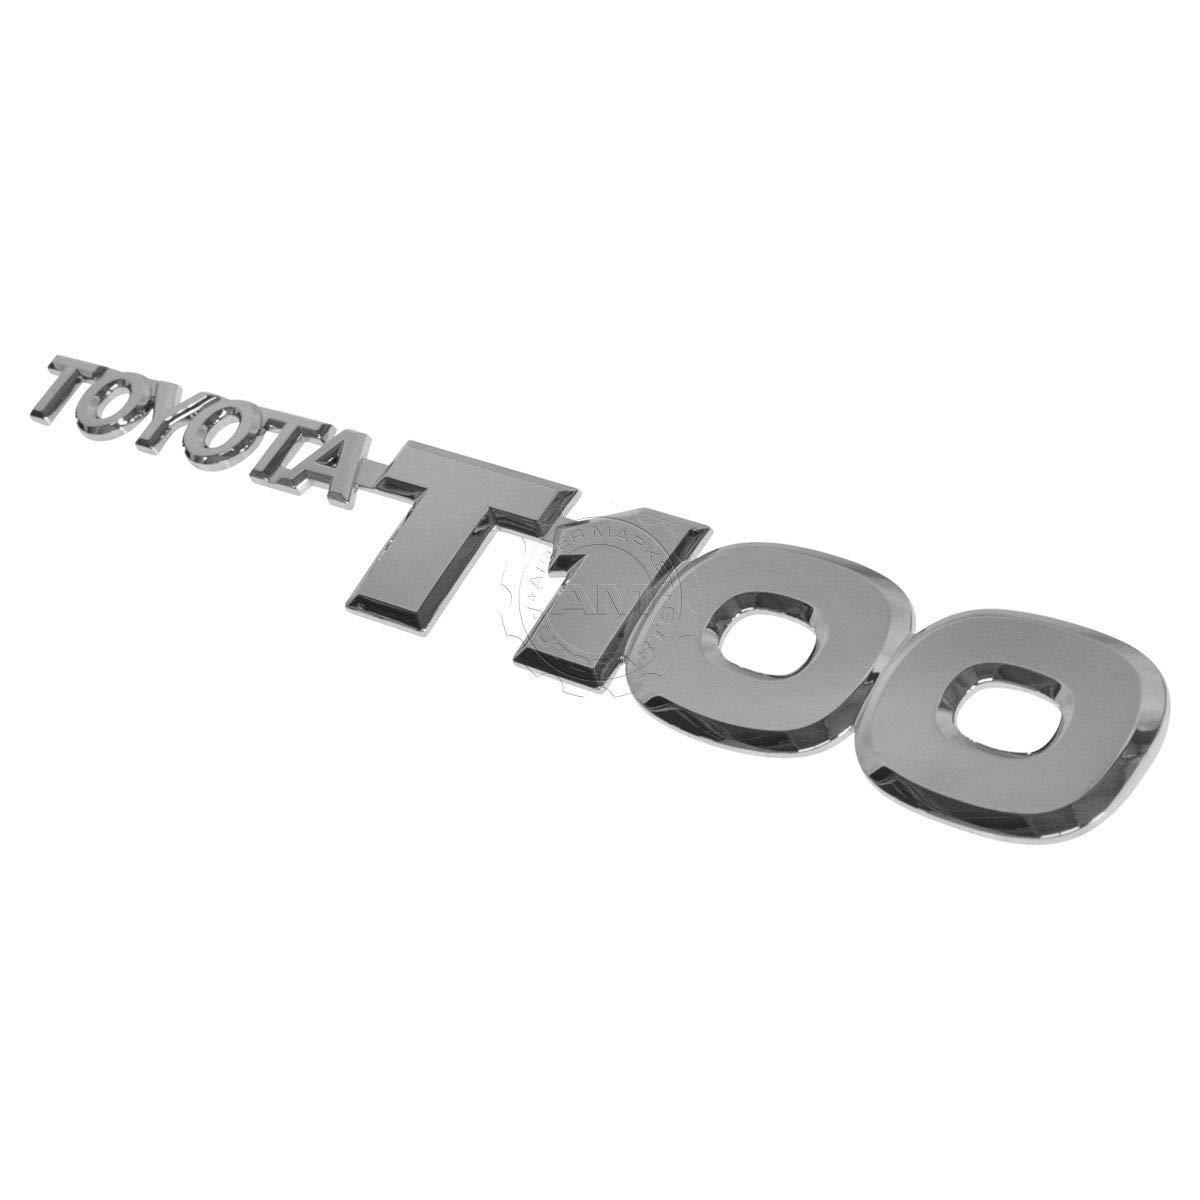 TOYOTA OEM 93-98 T100 Door-Emblem Badge Nameplate Emblem Left Side 7542734010